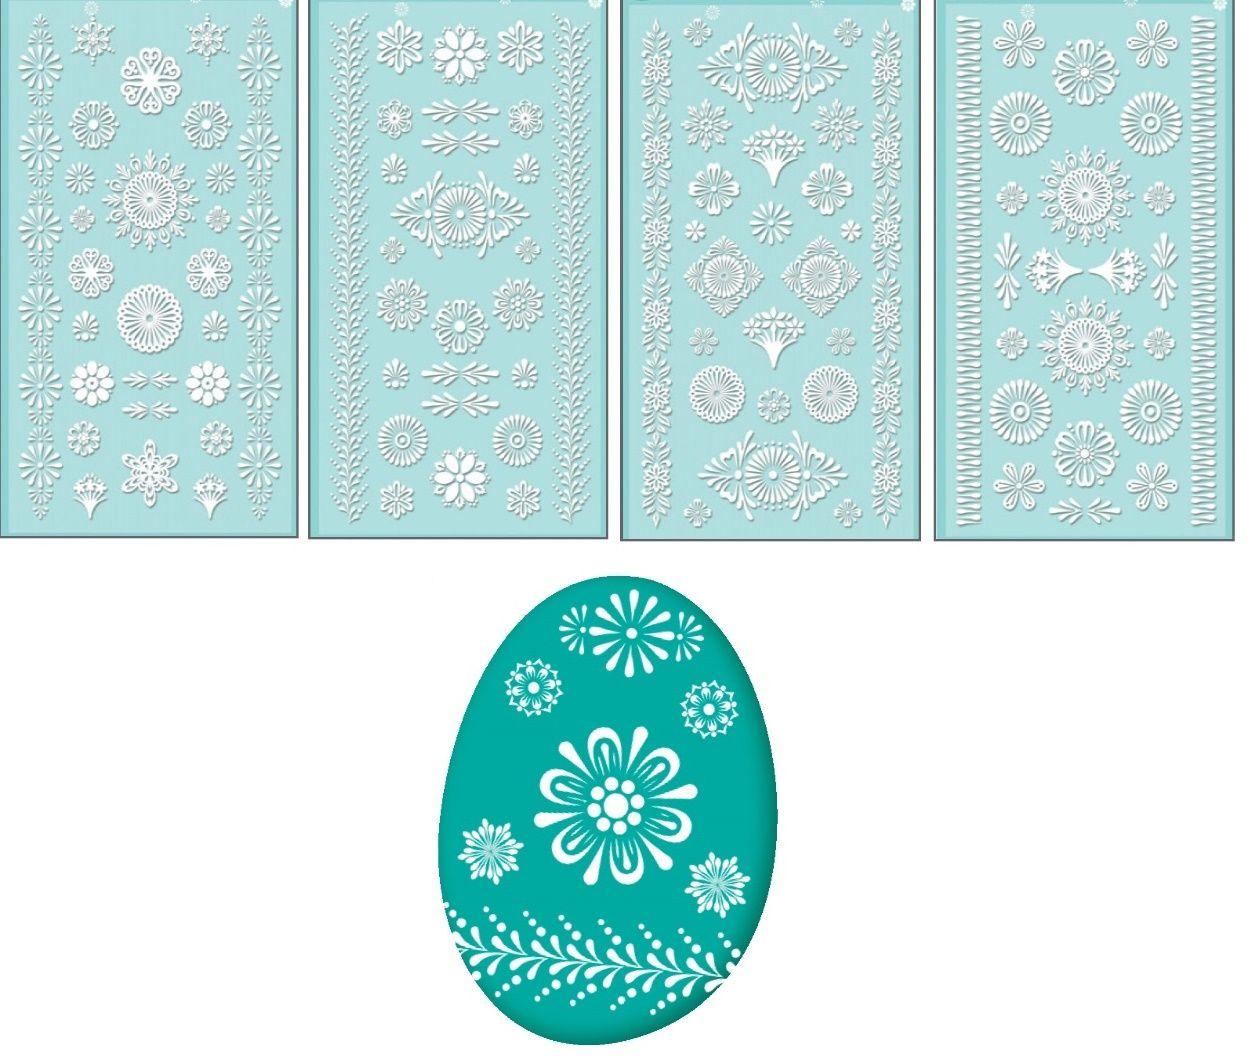 Velikonoční samolepky na vajíčka GELOVÉ bílé 19x9cm - 1ks